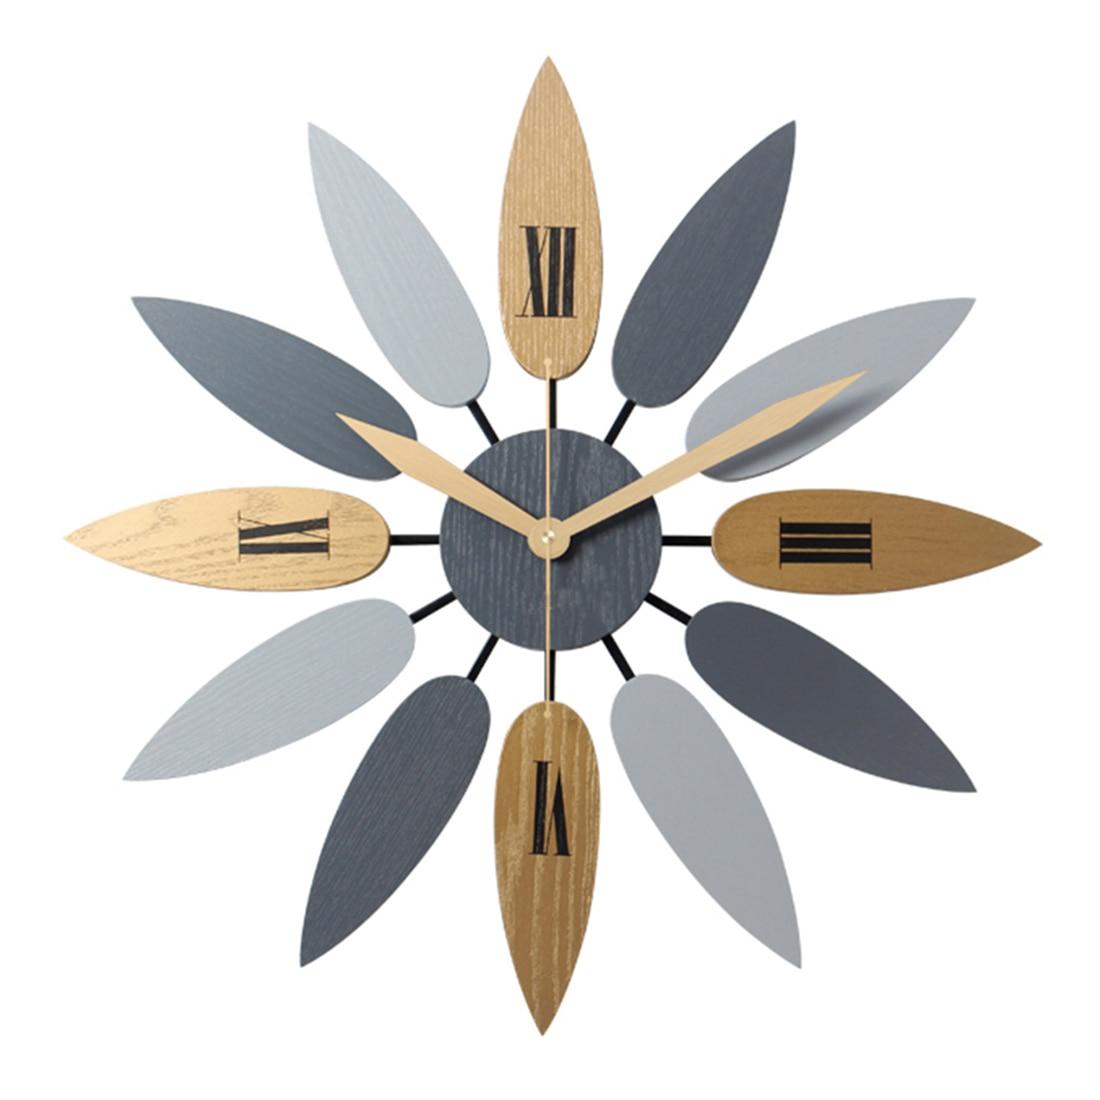 52 cm haute qualité Unique Style nordique feuille motif muet Quartz horloge murale rétro silencieux horloge bref maison bureau salon décor-in Horloges murales from Maison & Animalerie    1